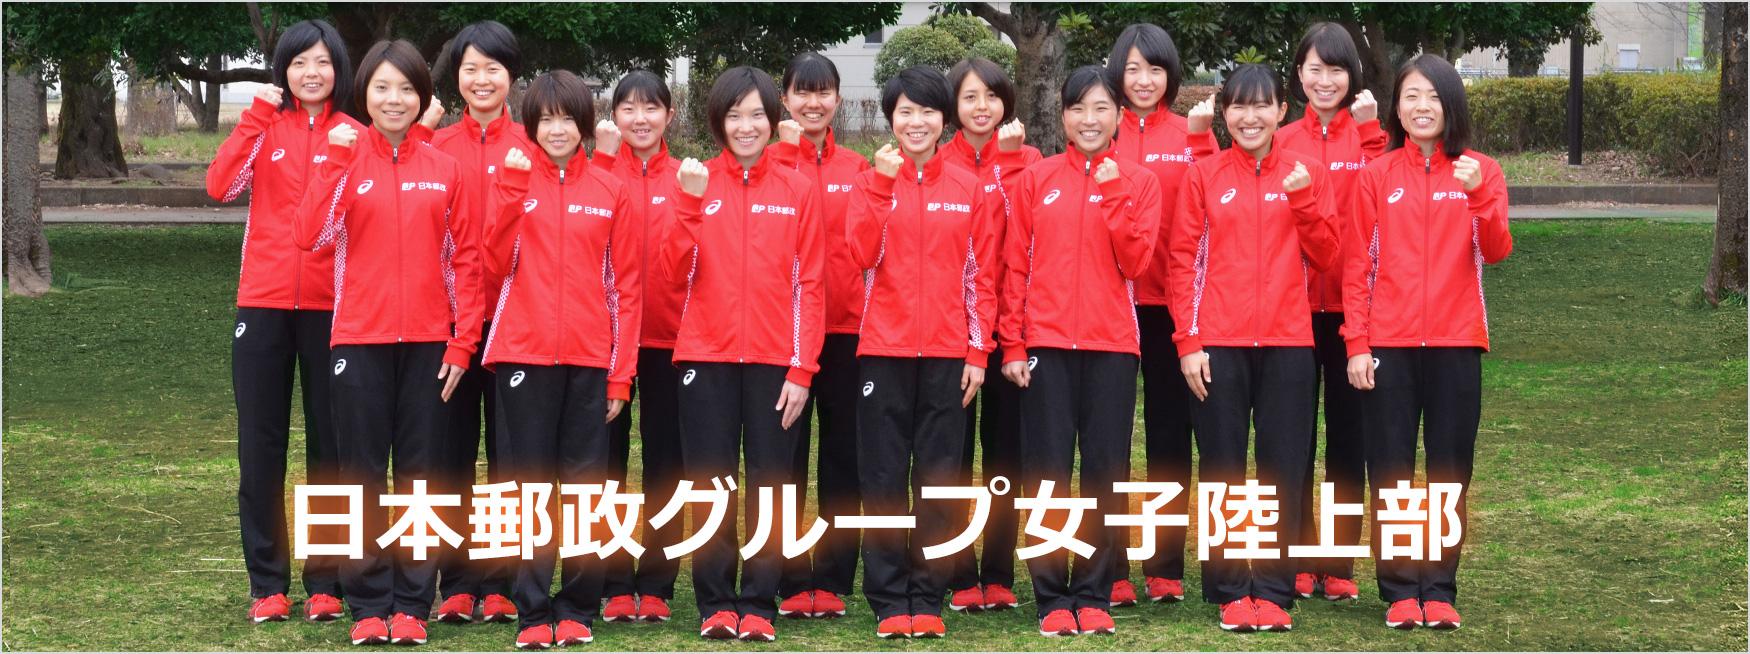 女子陸上部メインビジュアル(2017/12)